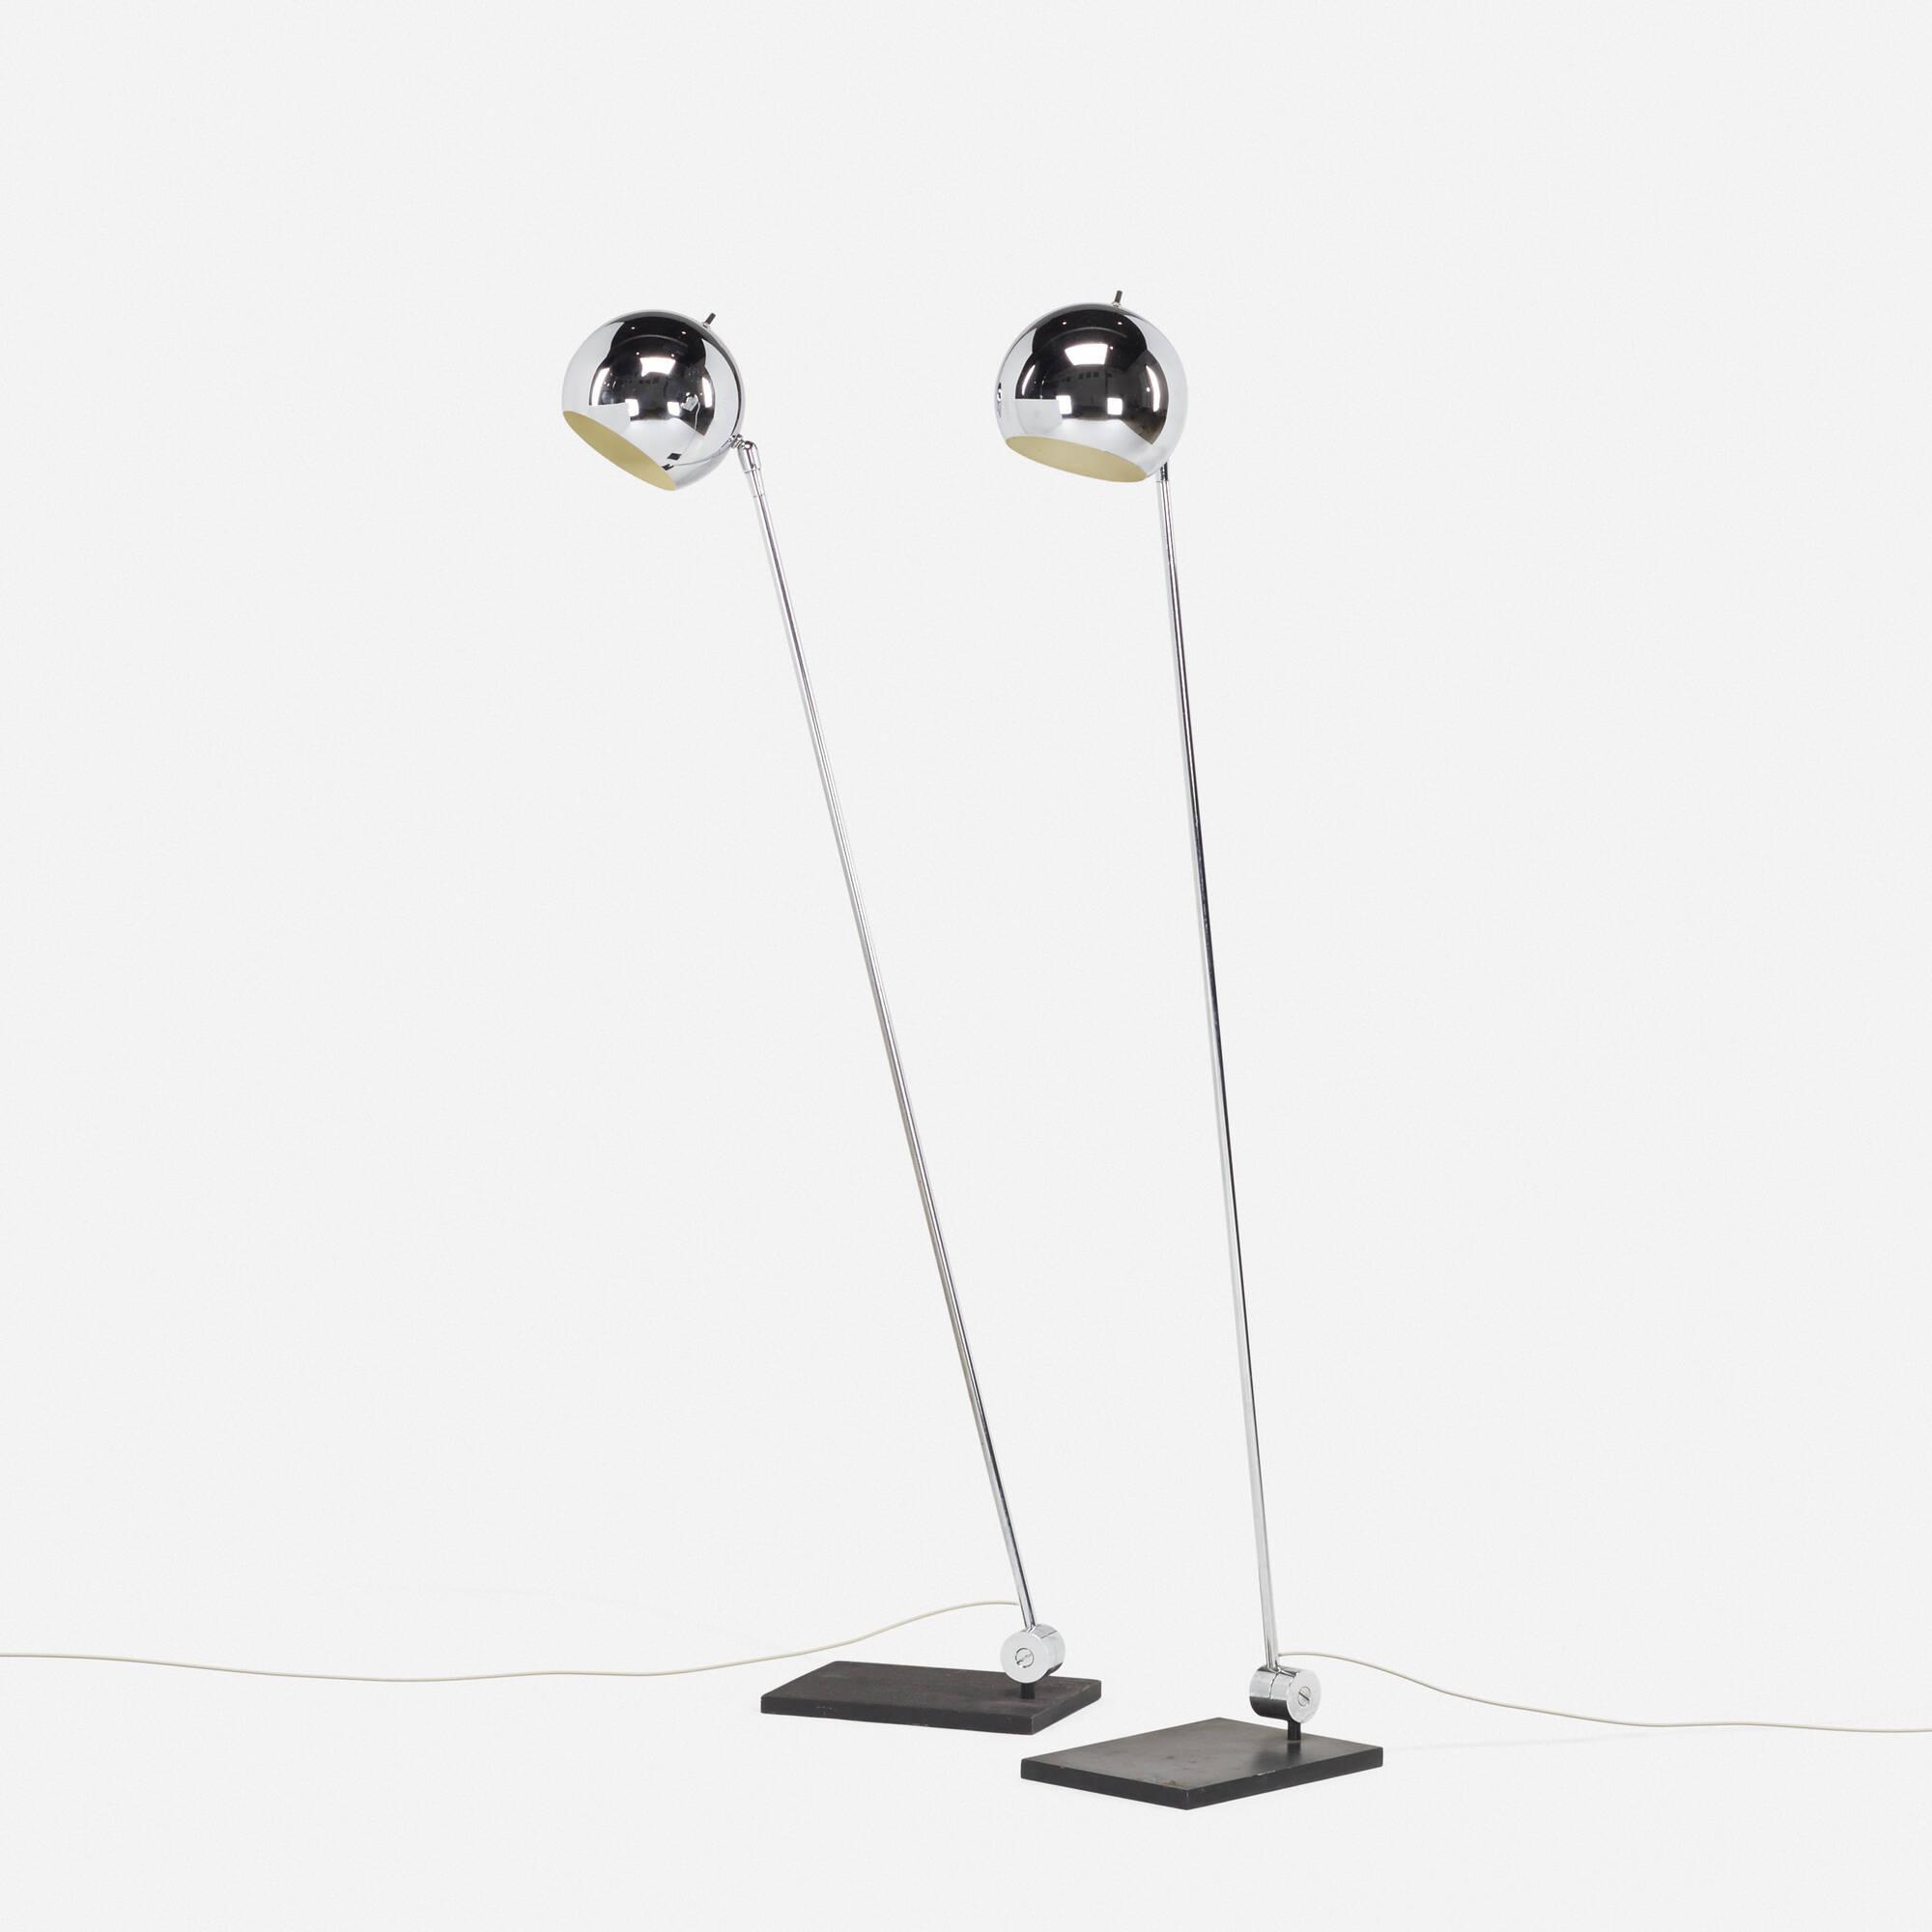 140 robert sonneman floor lamps pair articulated light the 140 robert sonneman floor lamps pair 1 of 2 mozeypictures Images